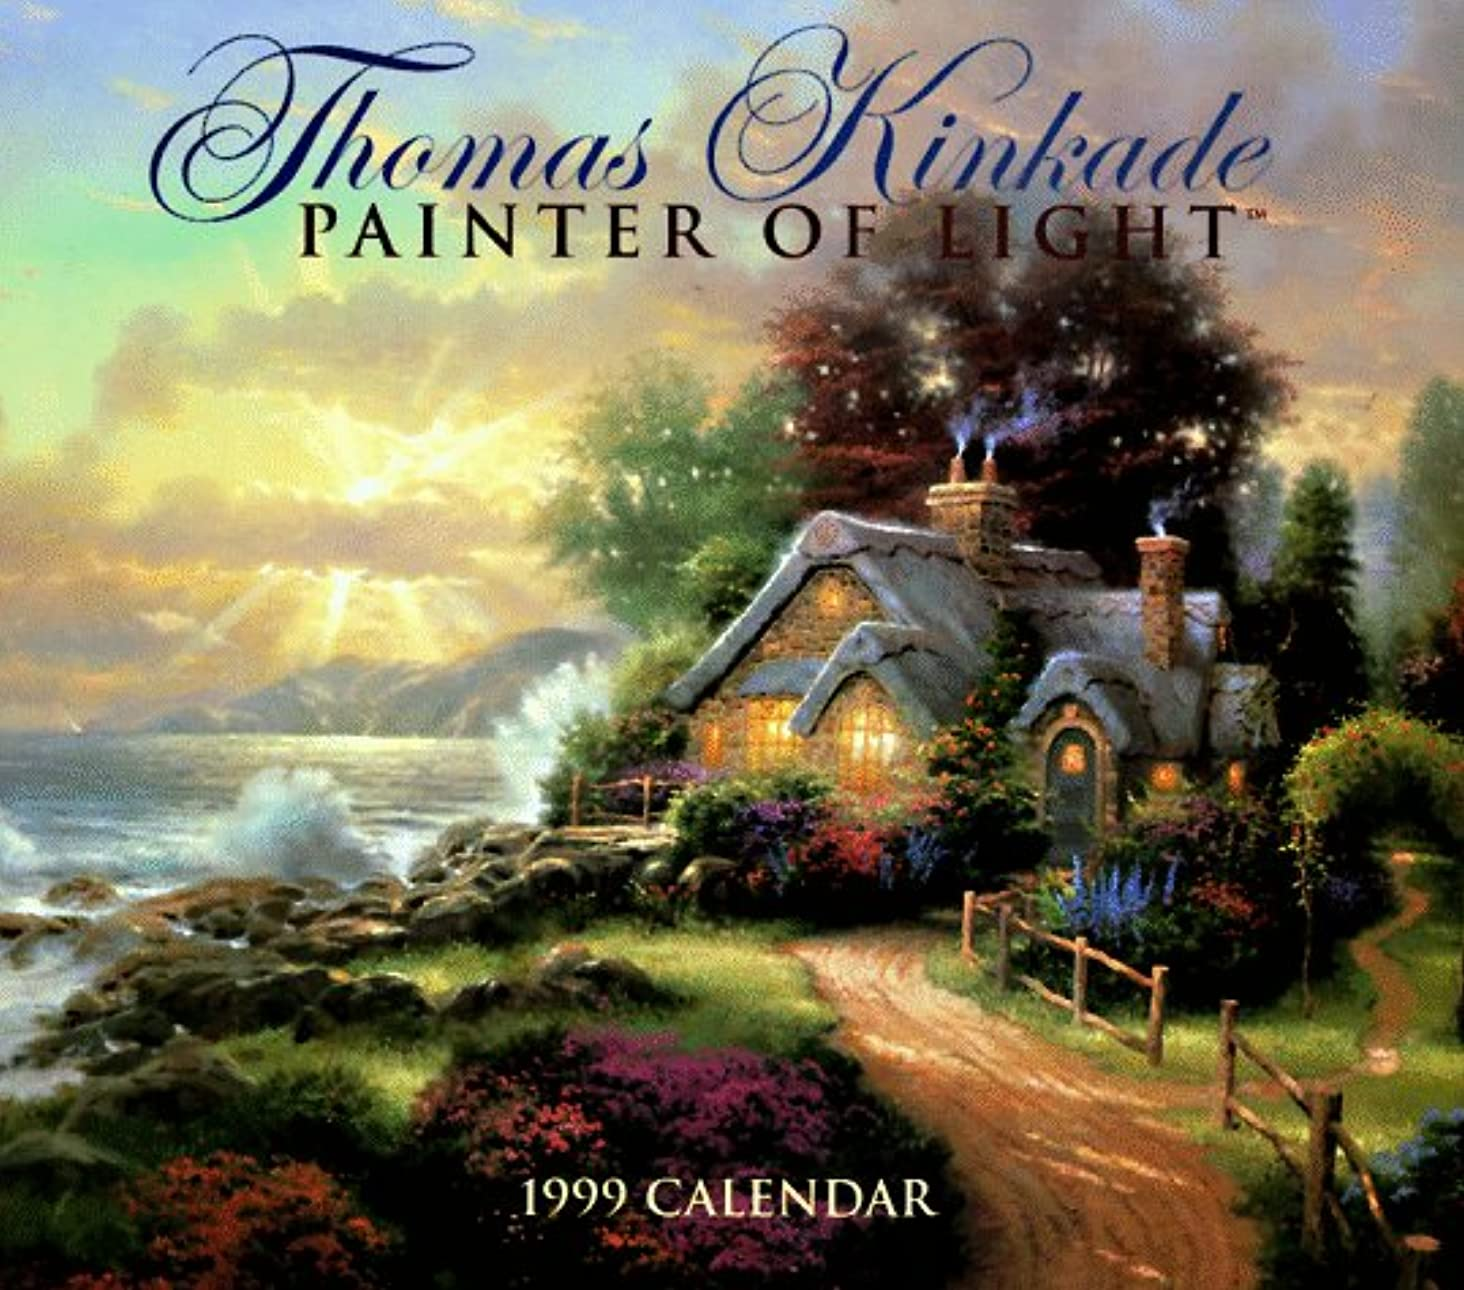 アマゾンジャングル軽減するクレデンシャルCal 99 Thomas Kinkade Painter of Light Calendar